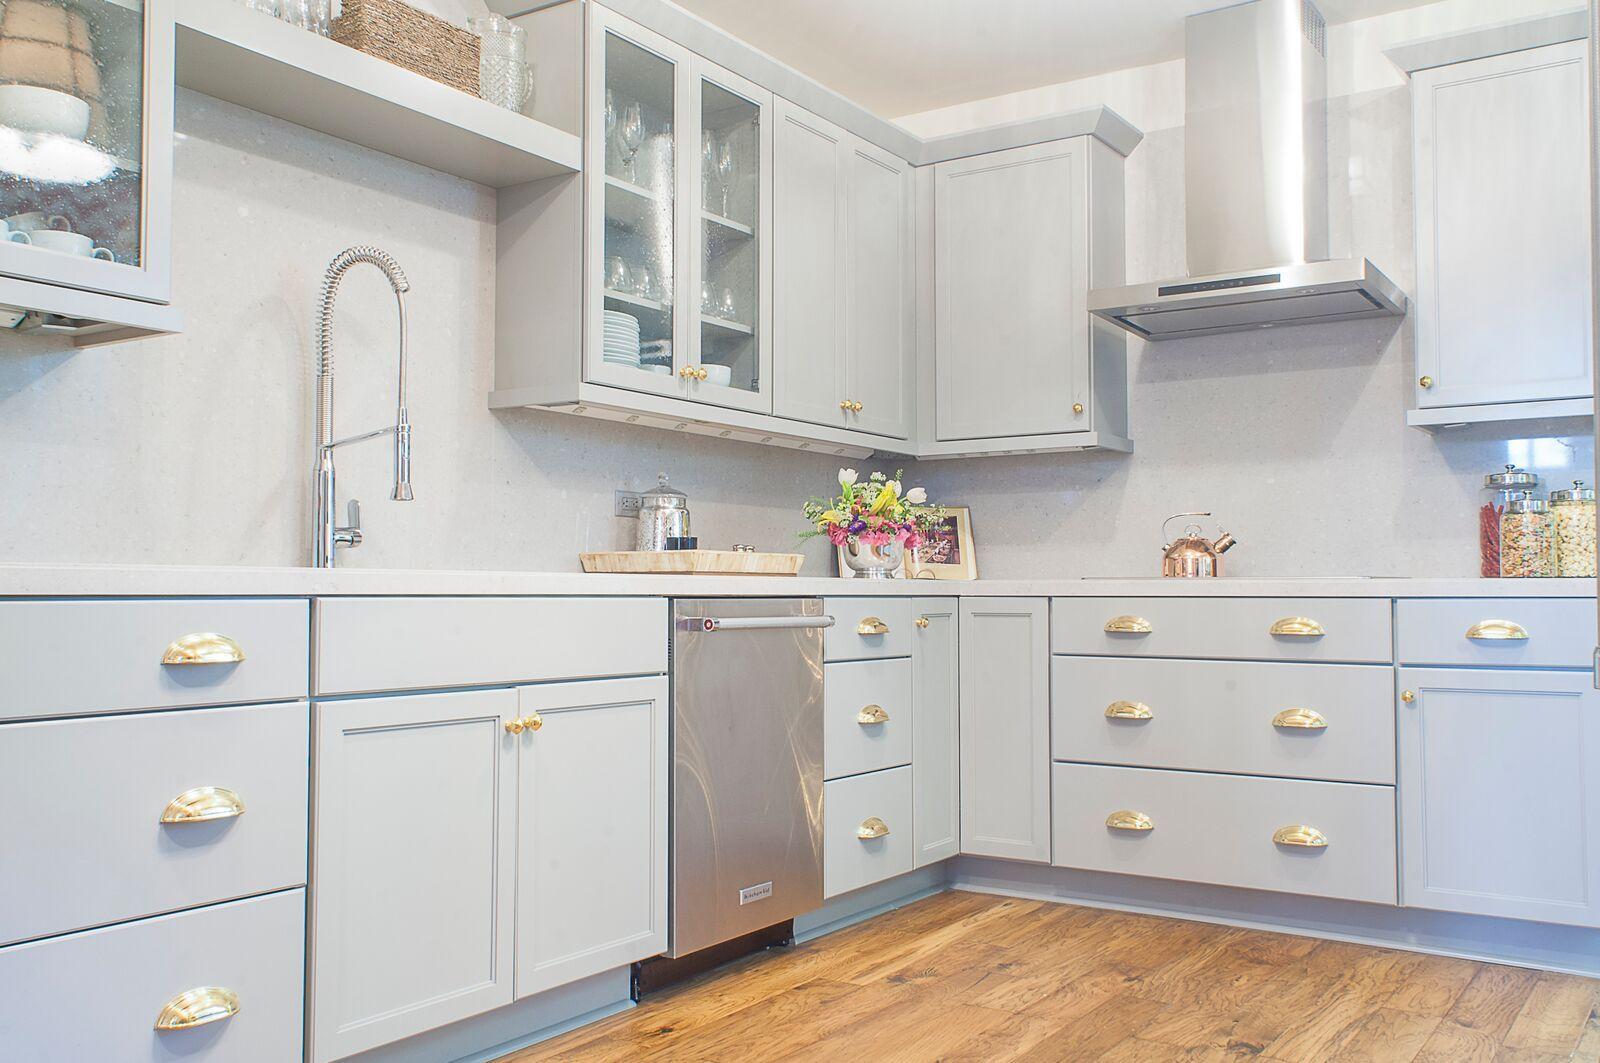 Pin On Stunning Kitchens